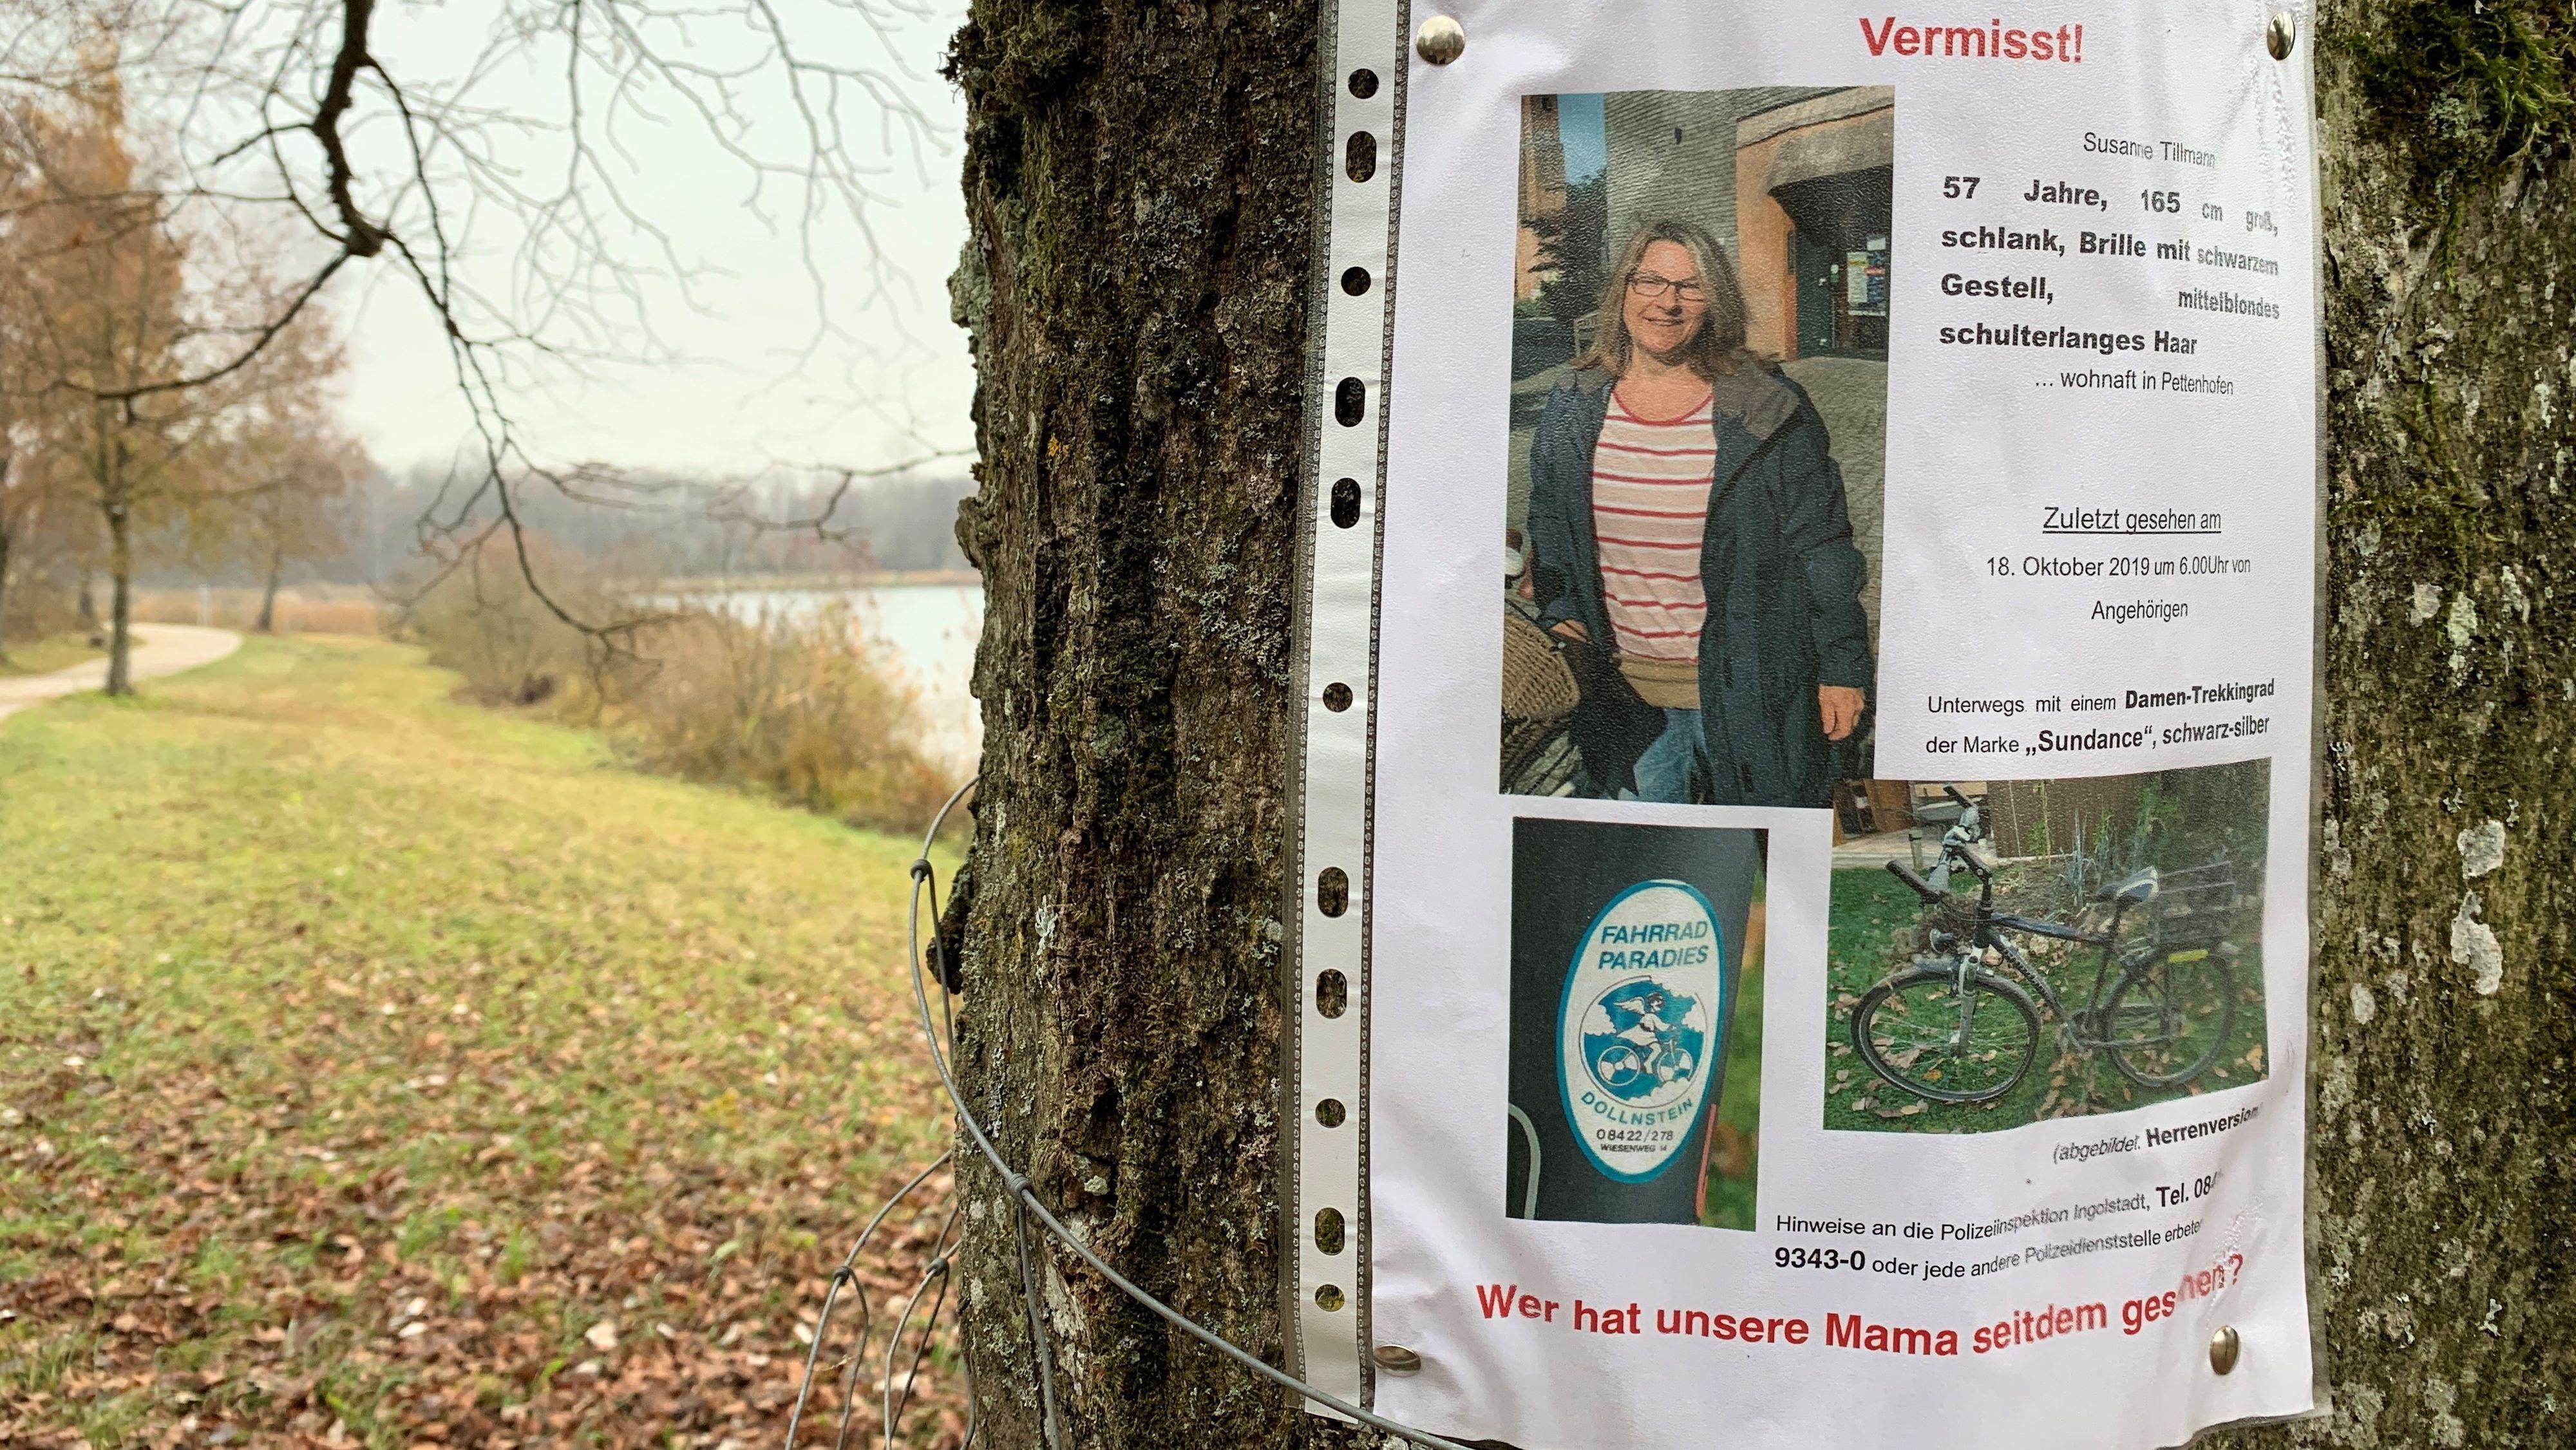 Suchplakat der Familie von Susanne Tillmann an einem Baumstamm am Ingolstädter Baggersee (Archivbild).